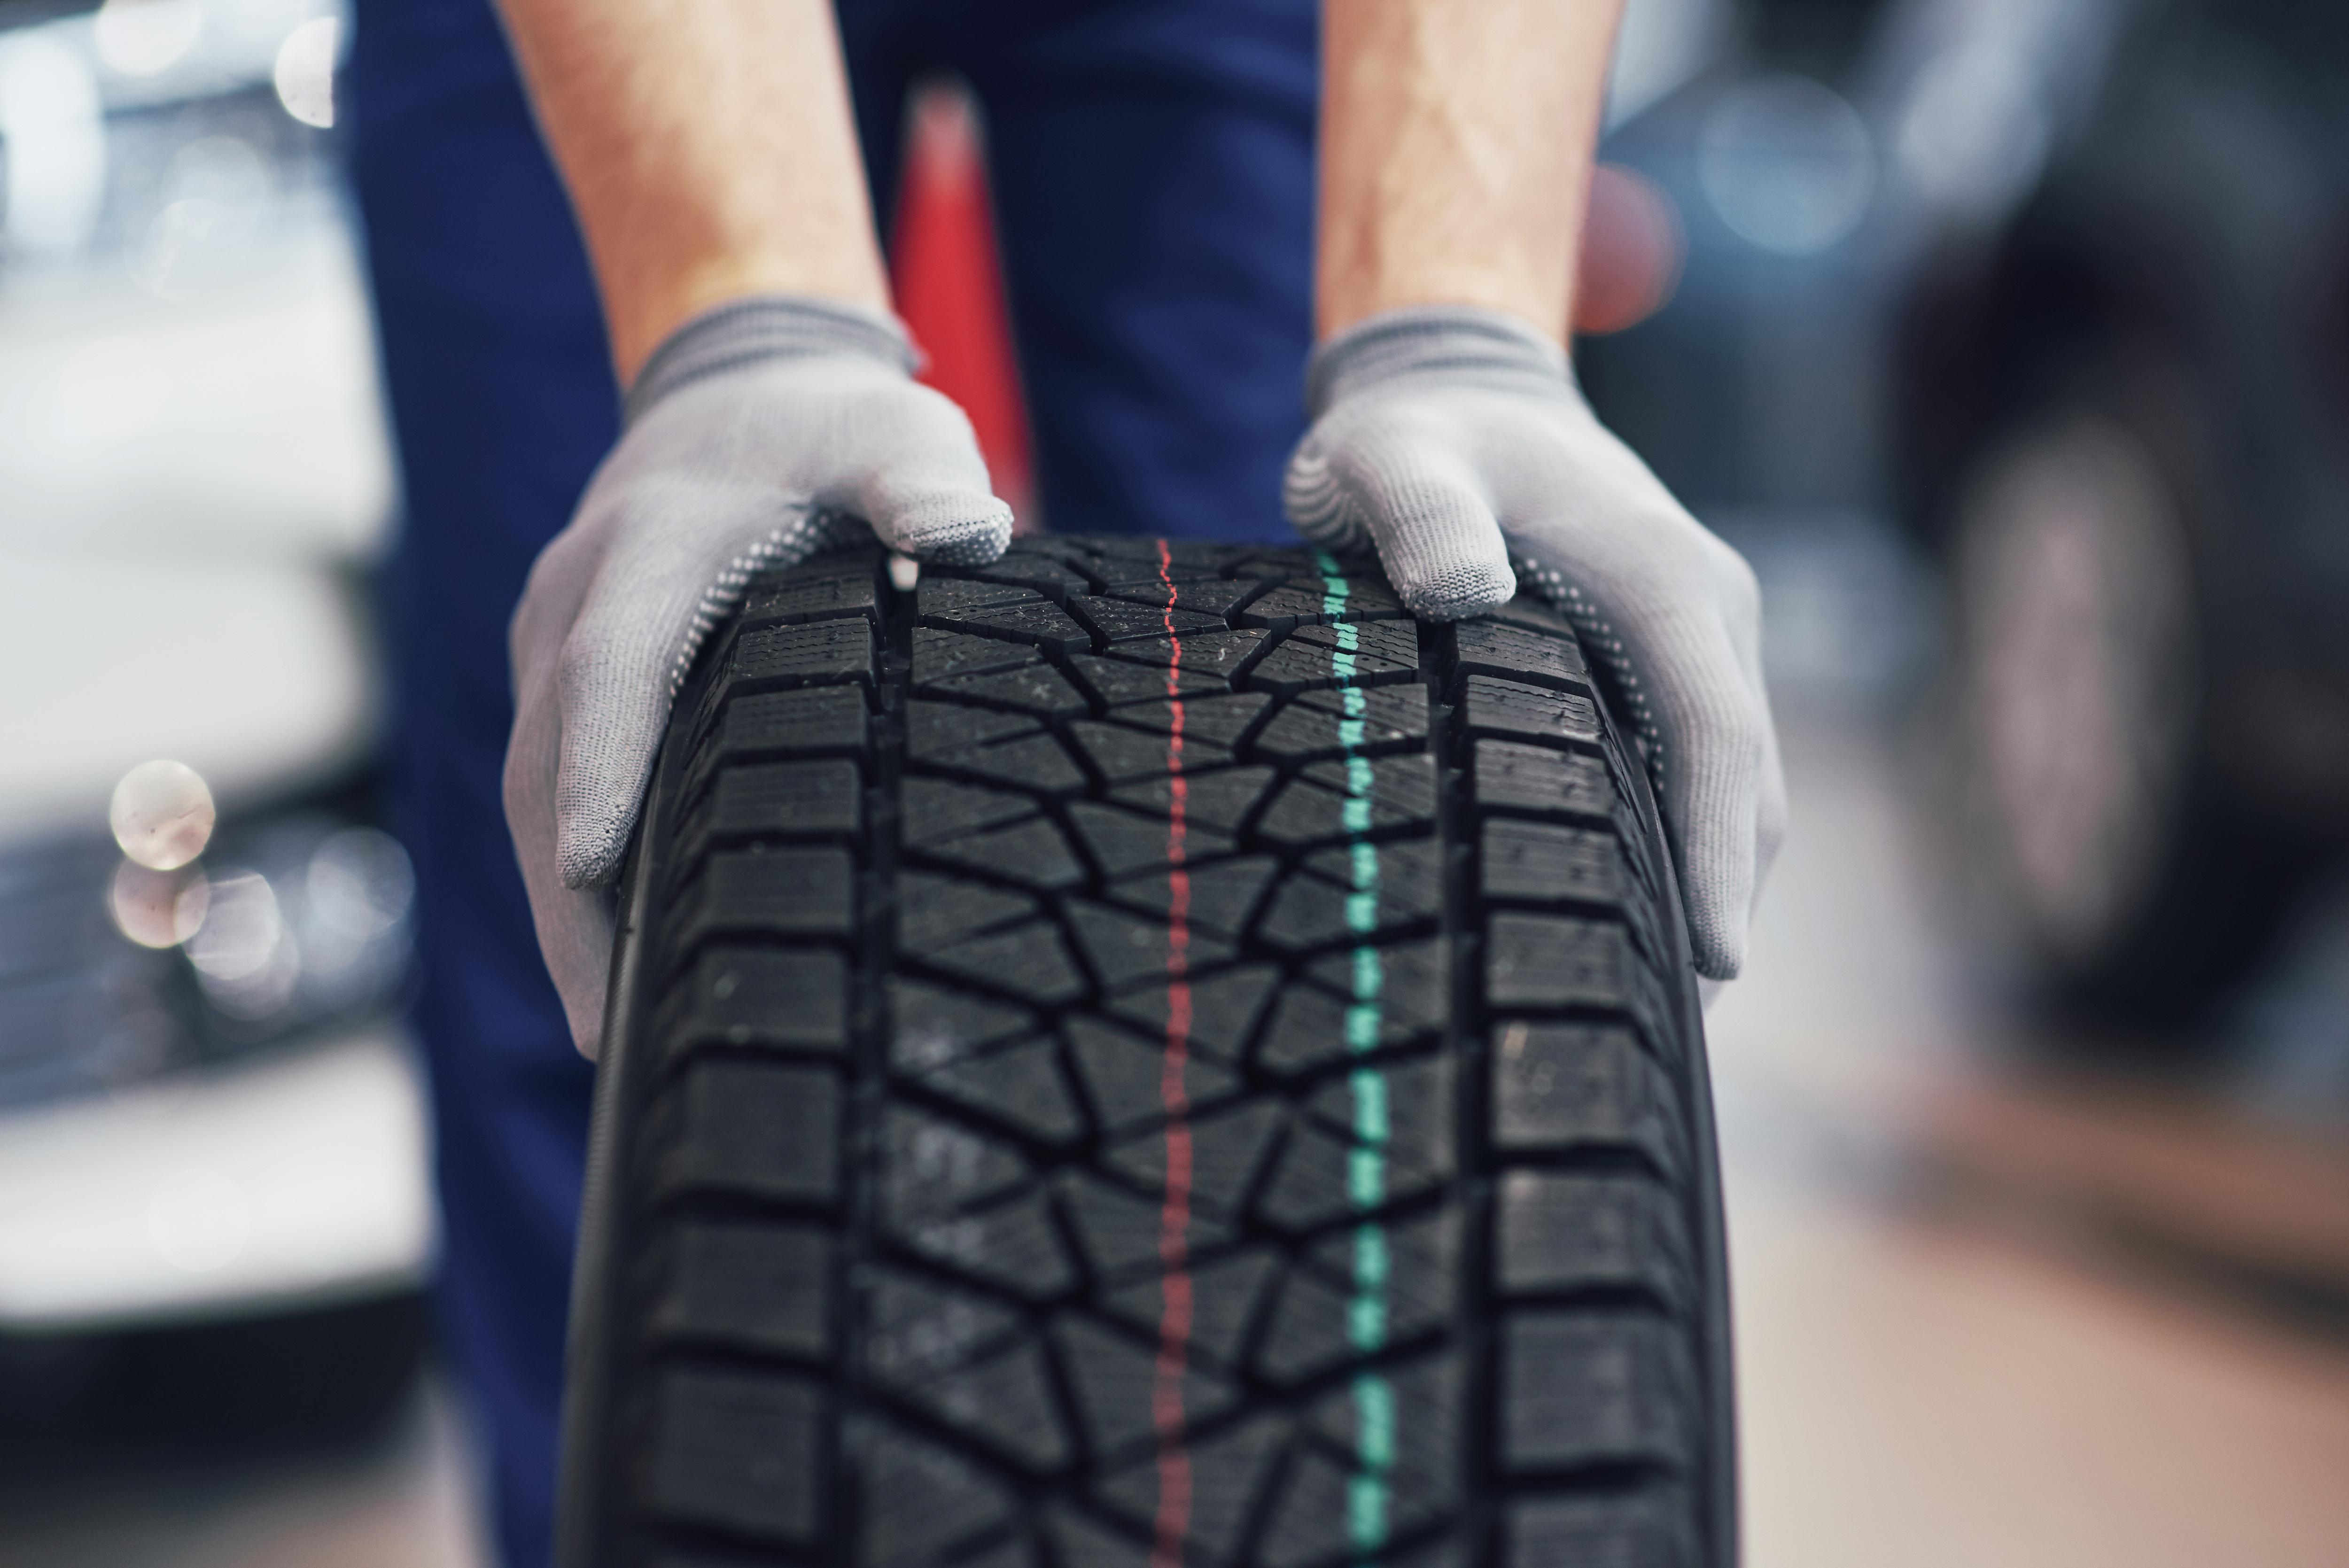 Știai că o anvelopă conține doar 14-19% cauciuc natural? Să aflăm din ce sunt fabricate anvelopele.